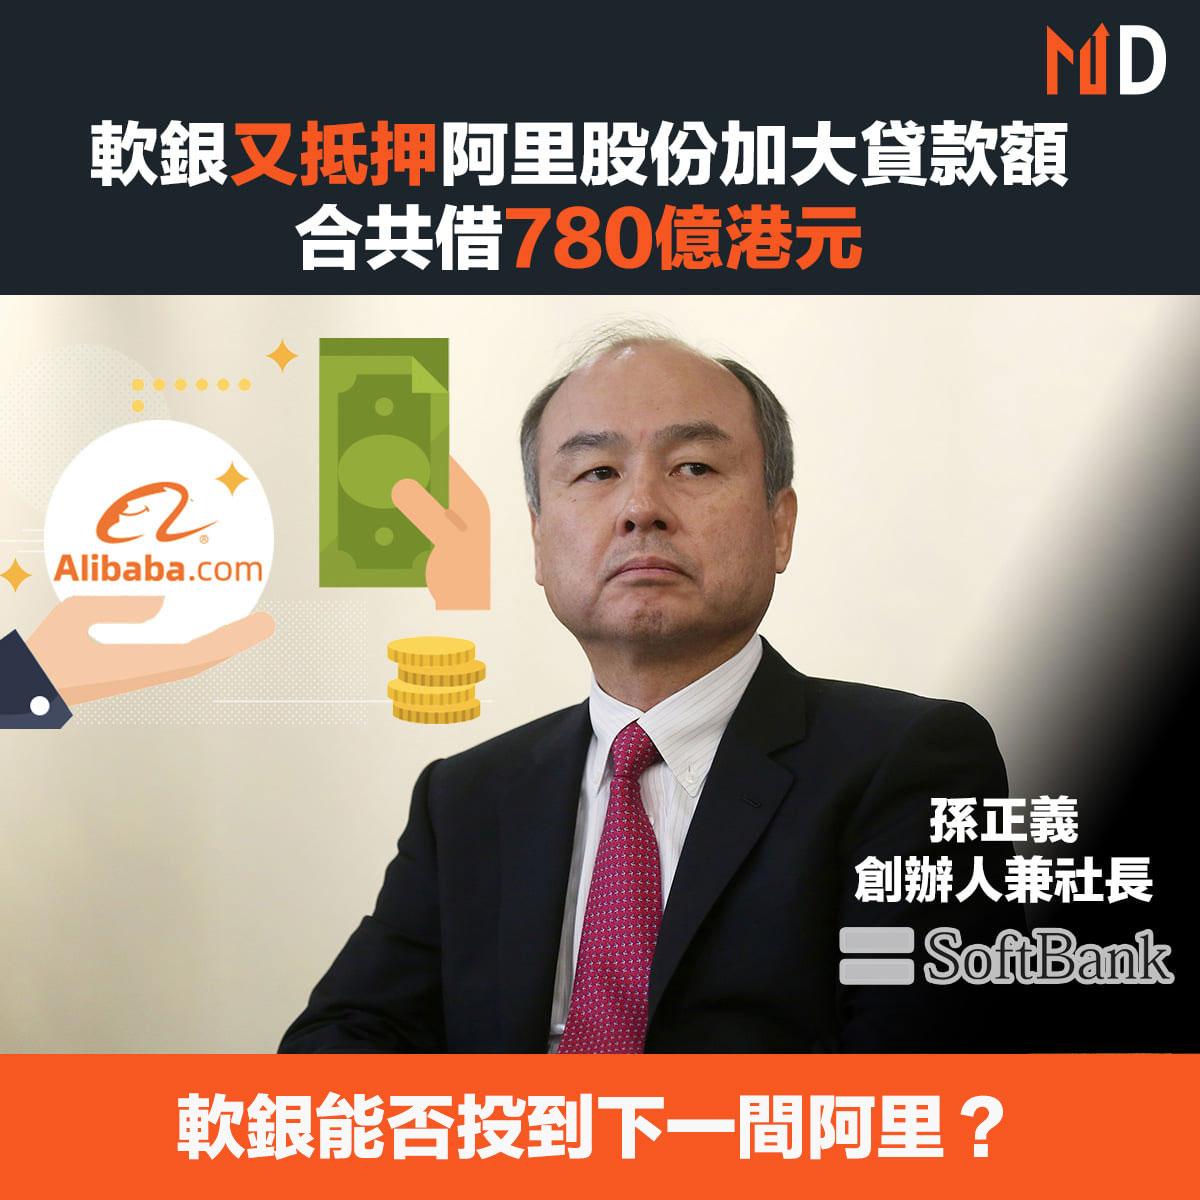 【市場熱話】軟銀「又」用阿里作賭注:用「最掂」投資,押注「唔知掂唔掂」的投資?